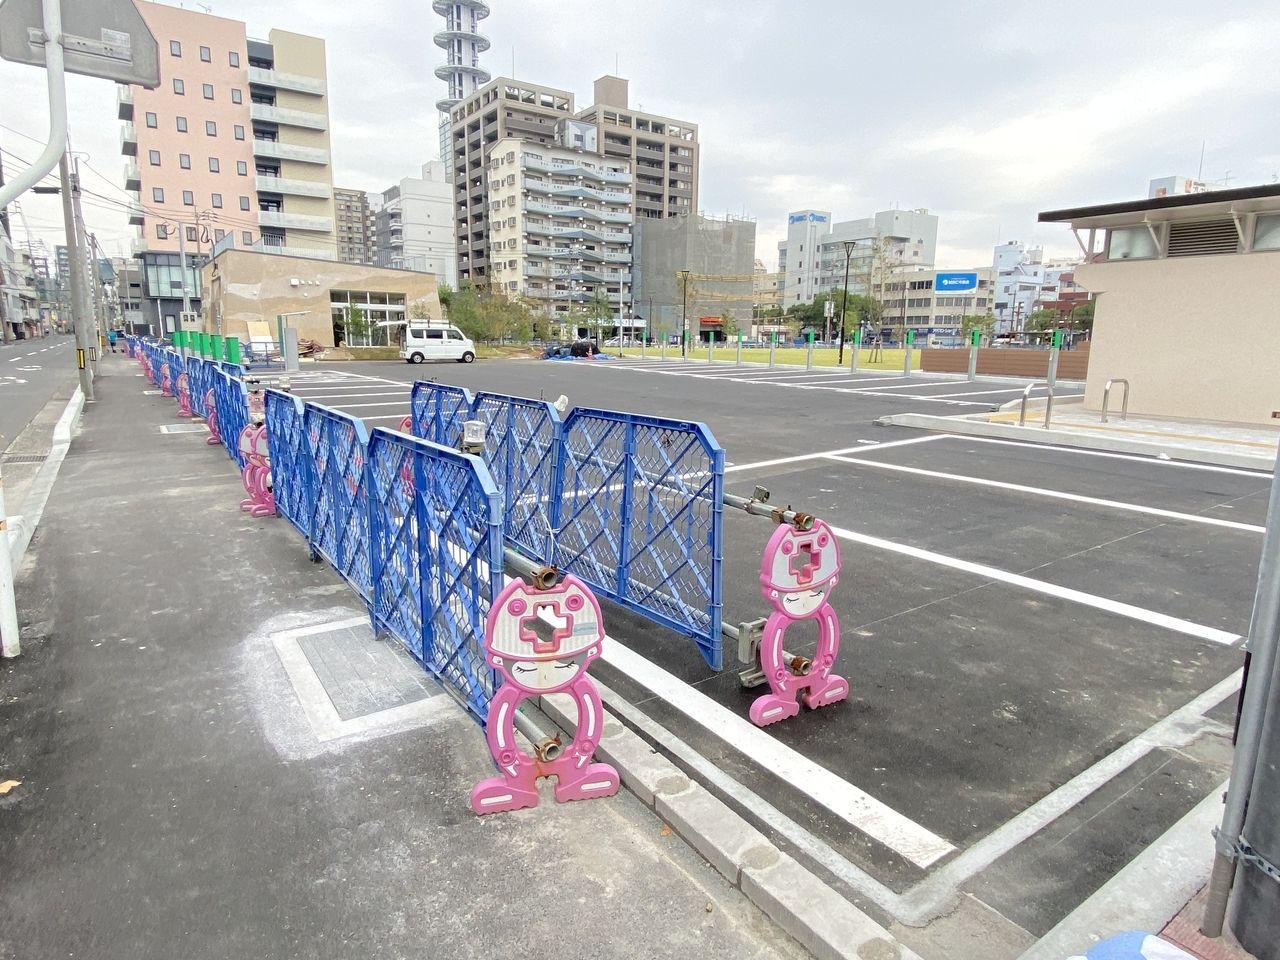 鹿児島市加治屋町の加治屋まちの杜公園の敷地内には駐車場もあります。